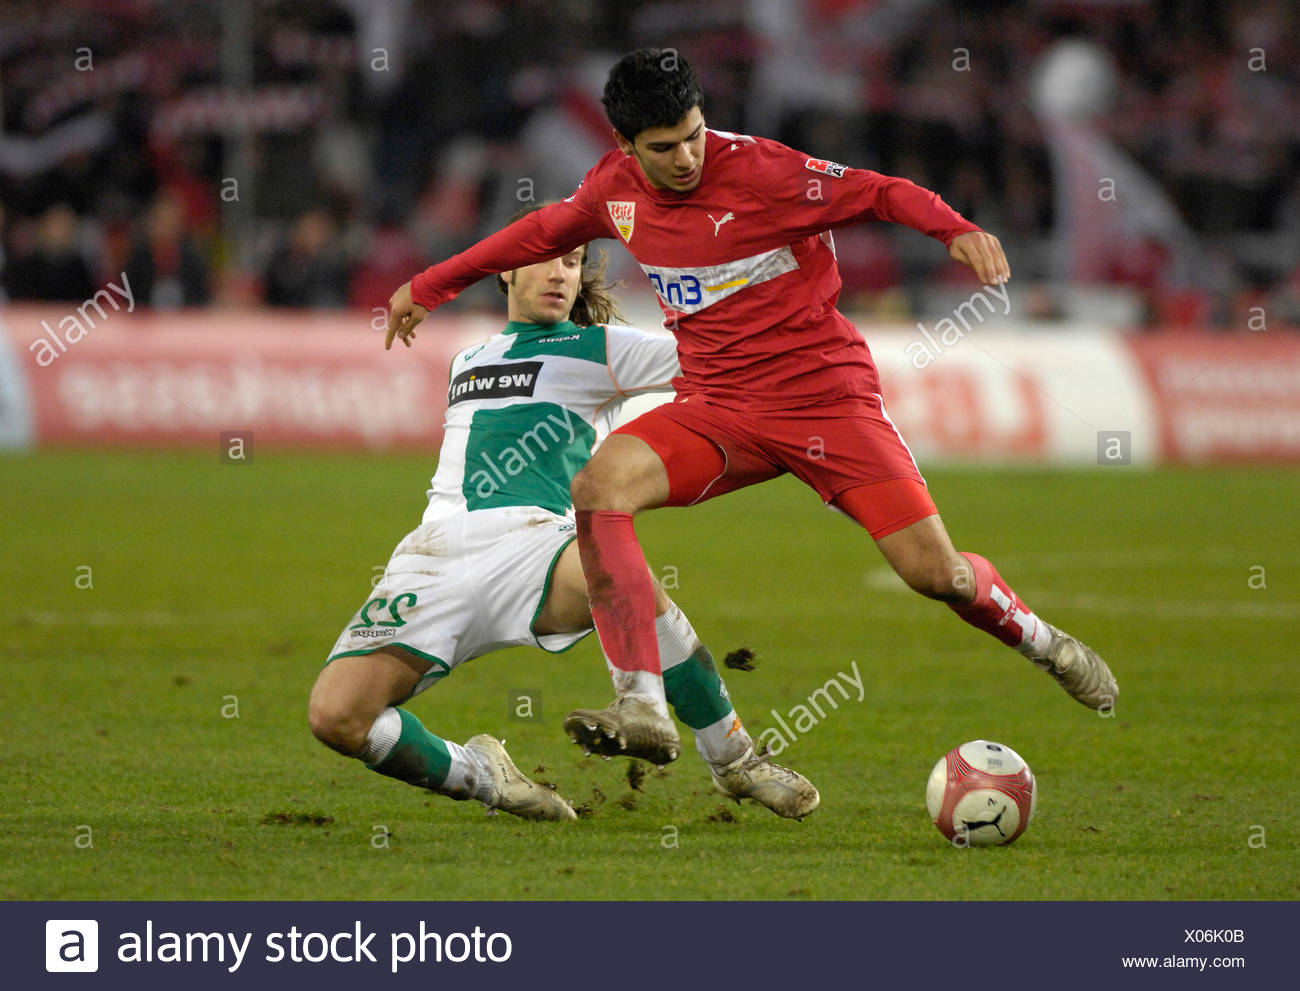 Serdar TASCI VfB Stuttgart (left) vs. Torsten FRINGS Werder Bremen (right) - Stock Image